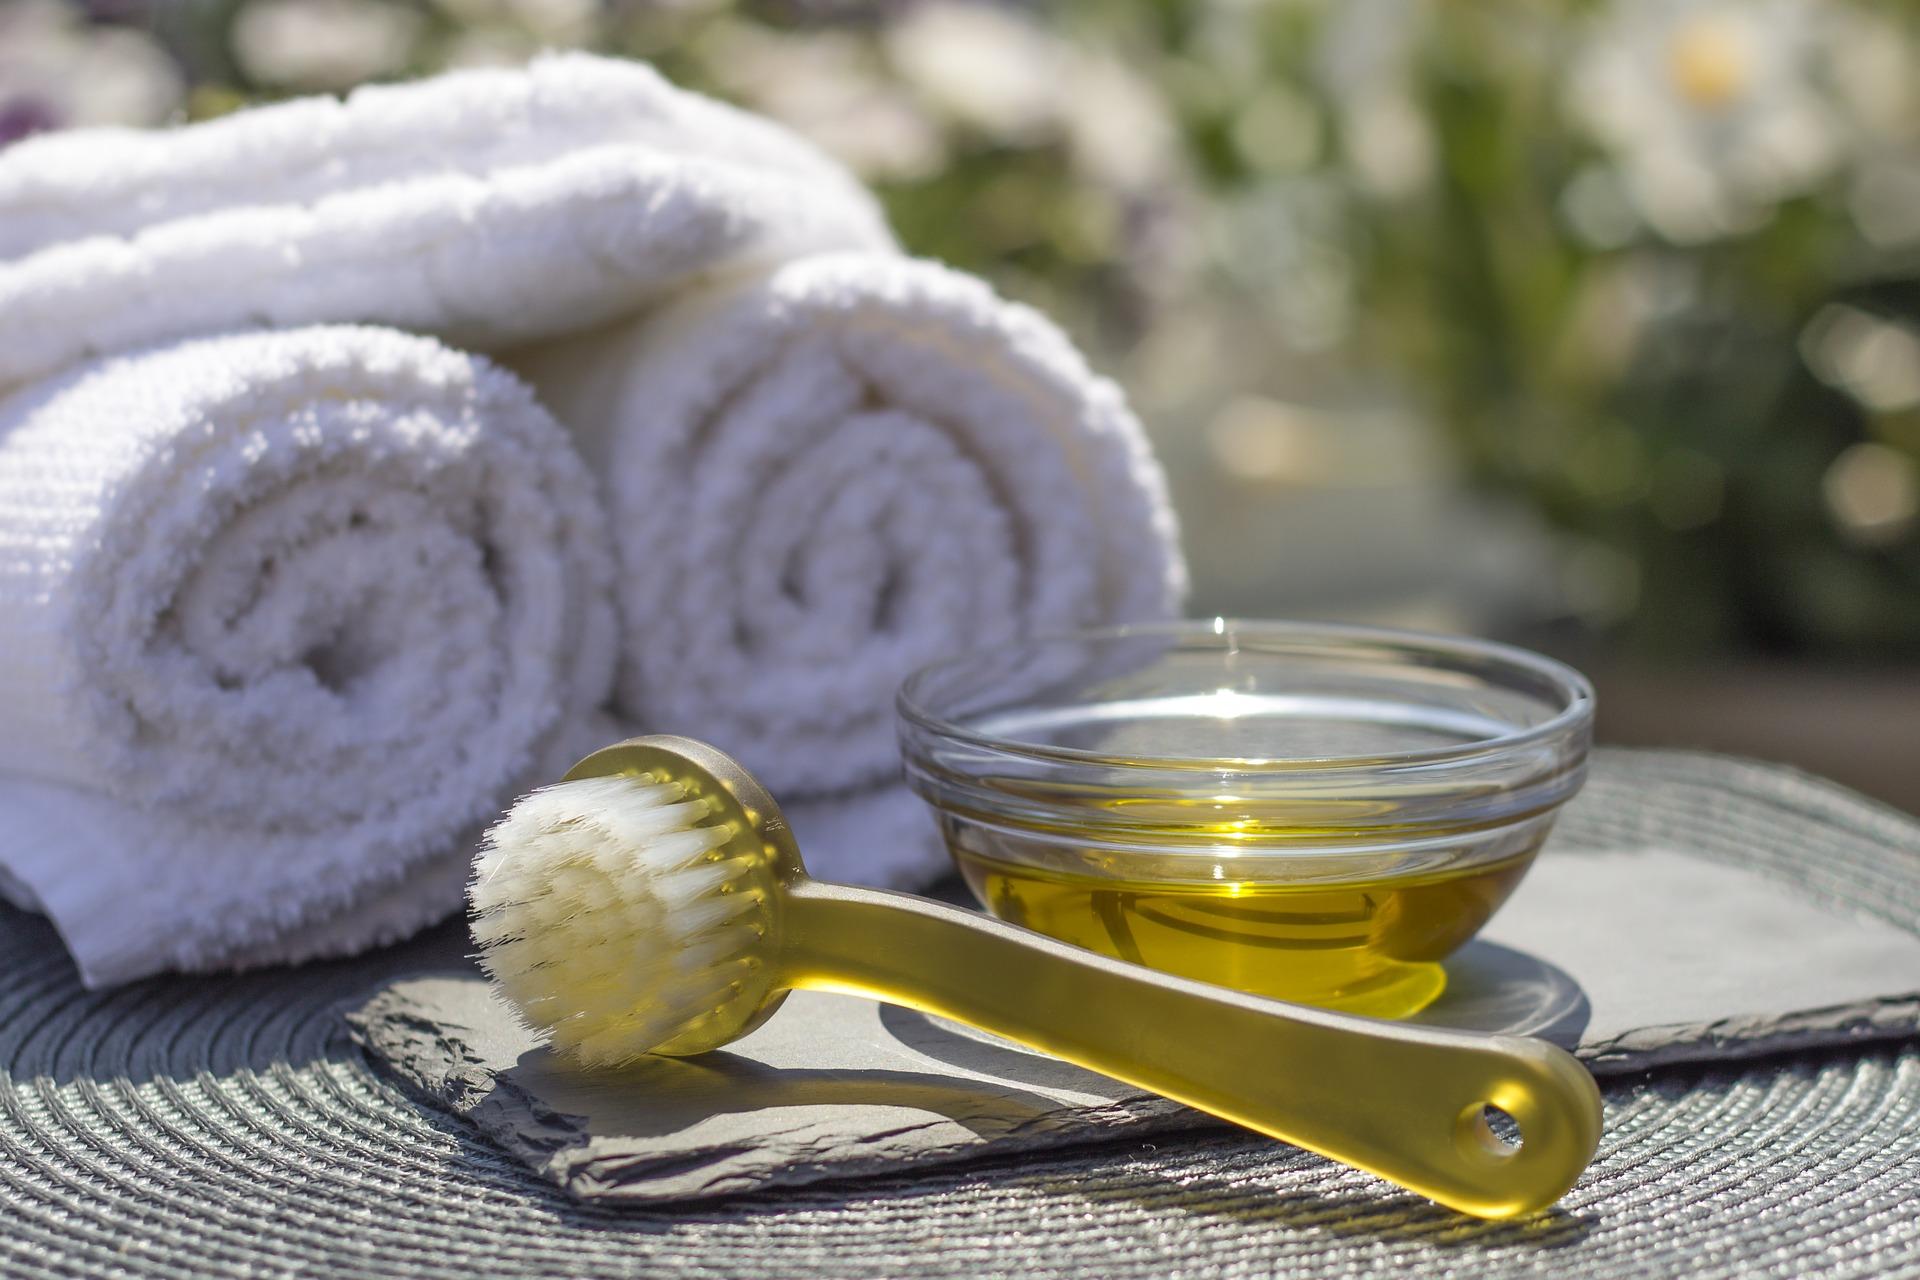 ammorbidire le parti più dure come interno delle mani, ginocchia e talloni ed è molto utile per la cure dell'acne